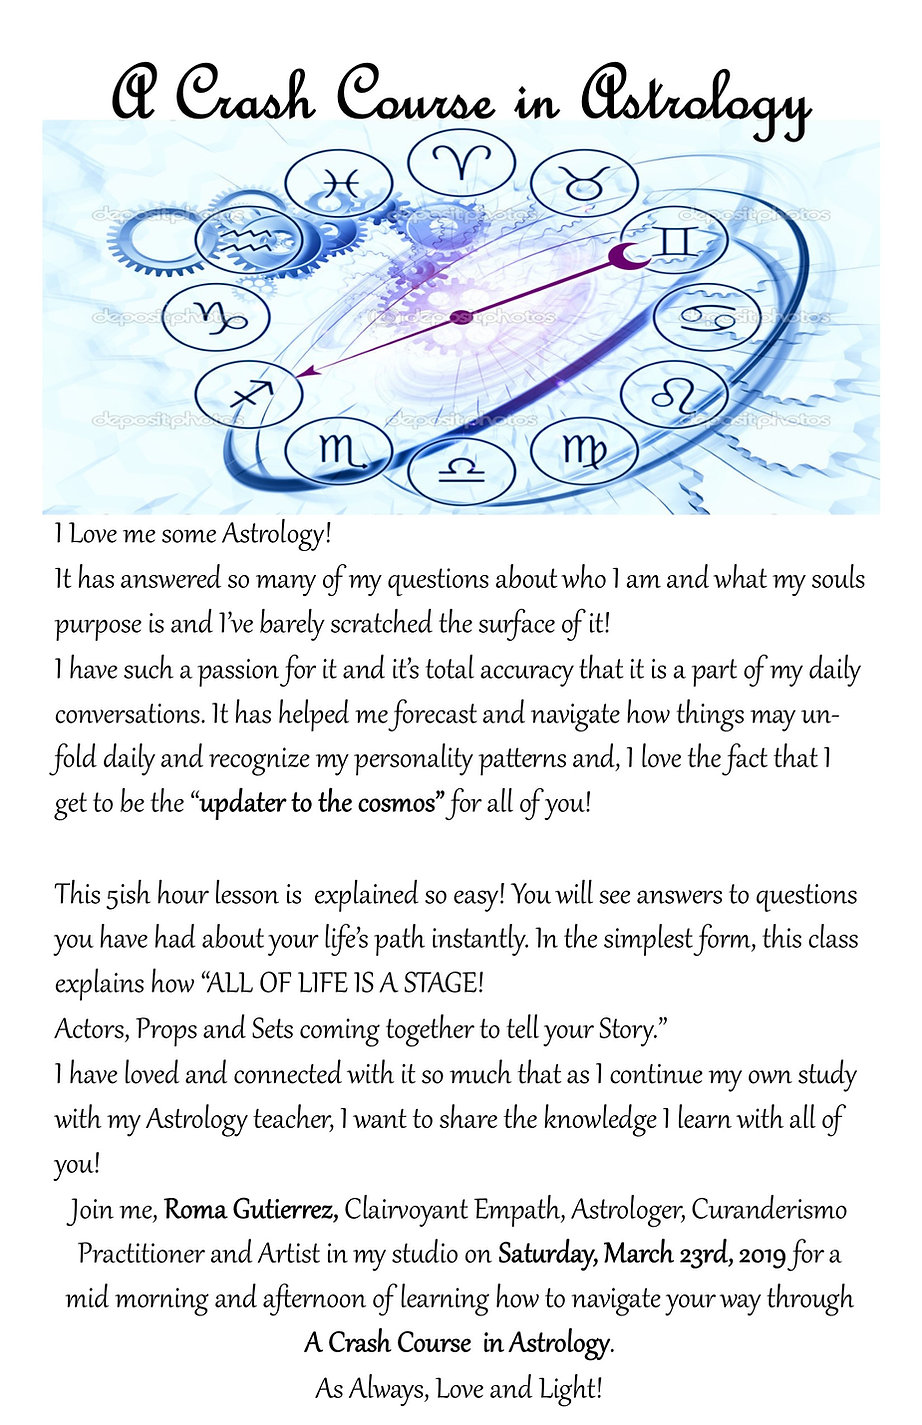 Astrology class flyer 1.jpg